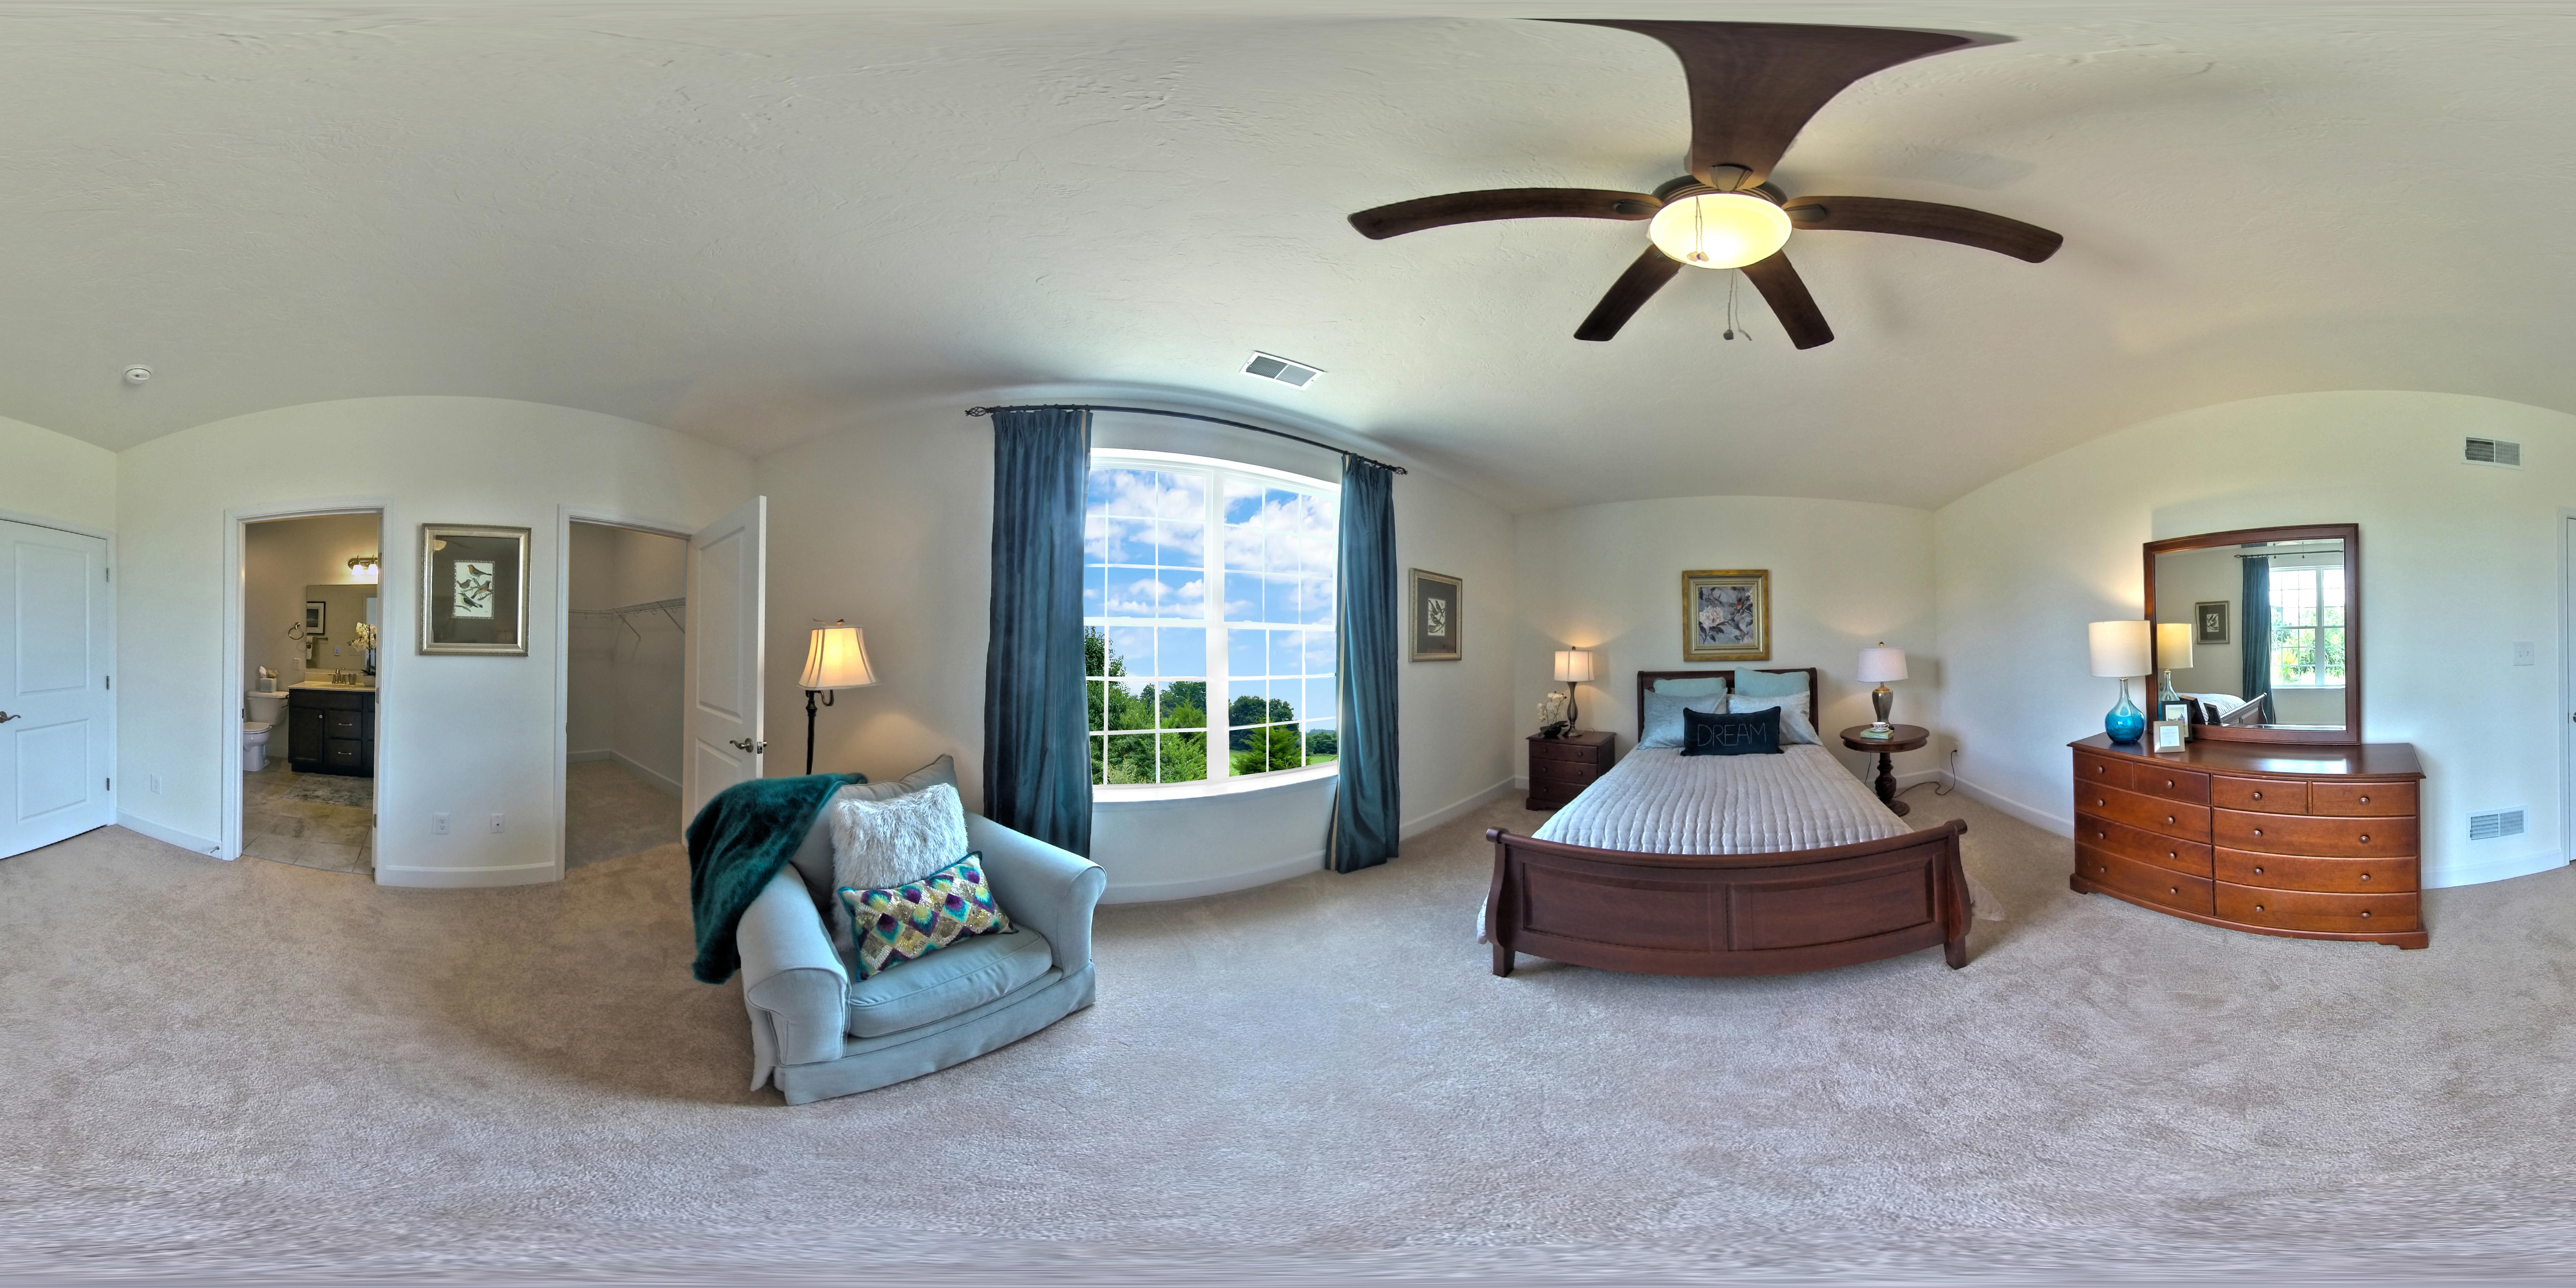 Marie Villa Owner's Bedroom